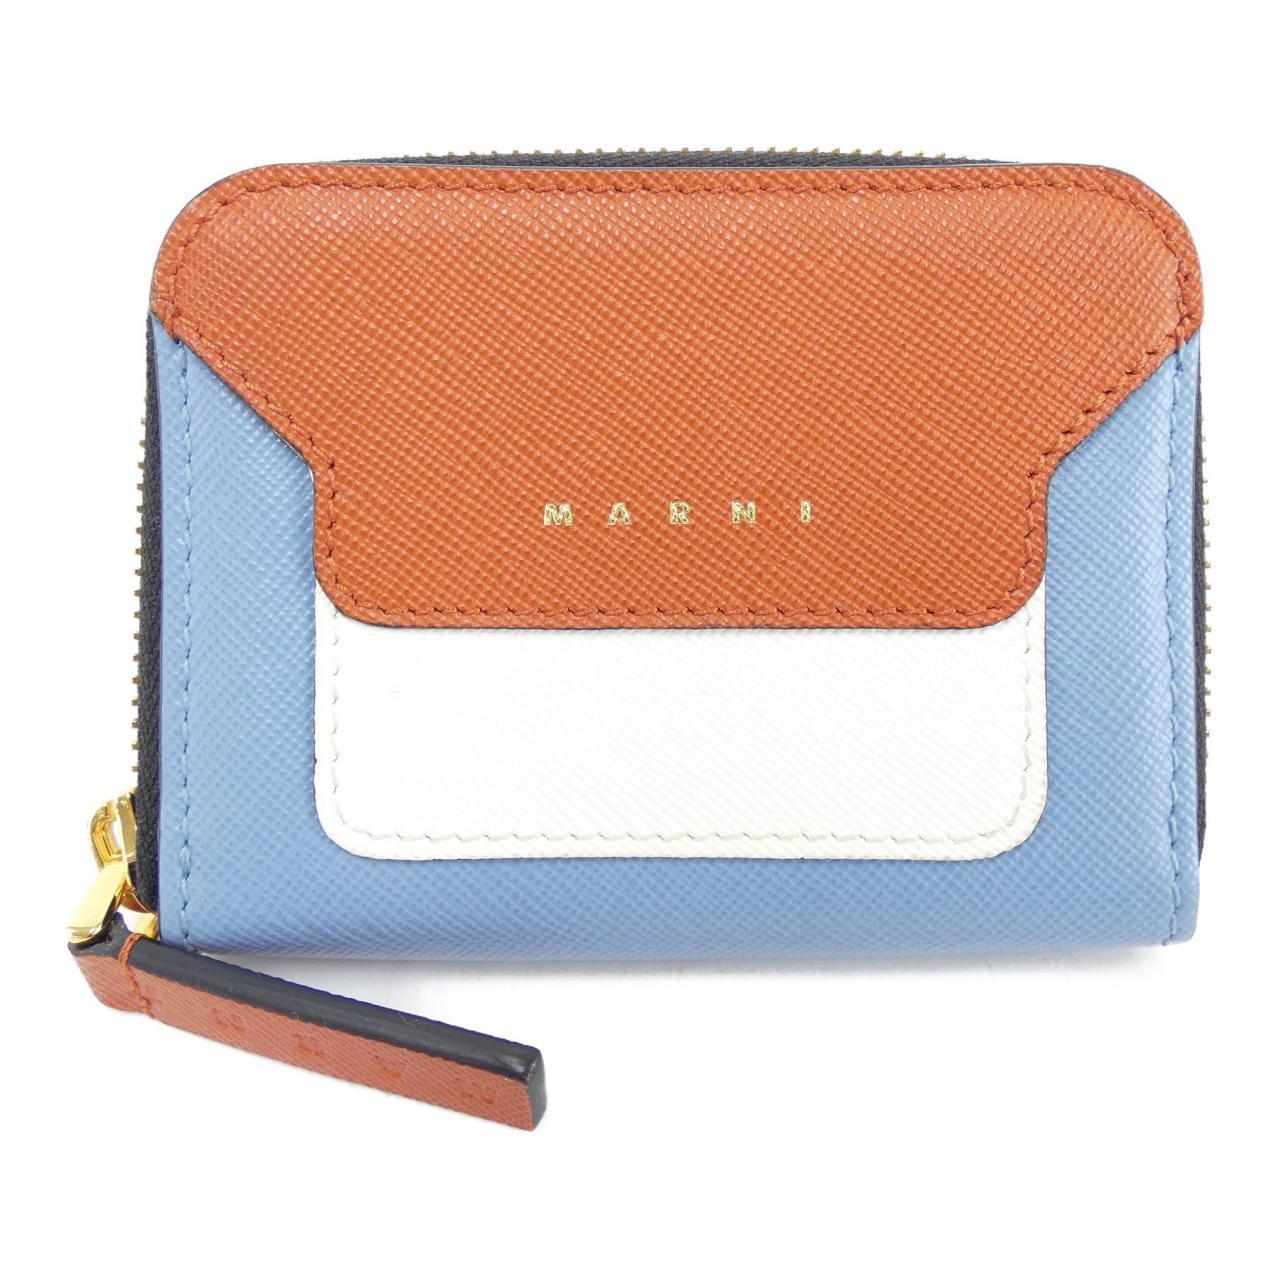 ブルー×オレンジ×ホワイトのコインケース